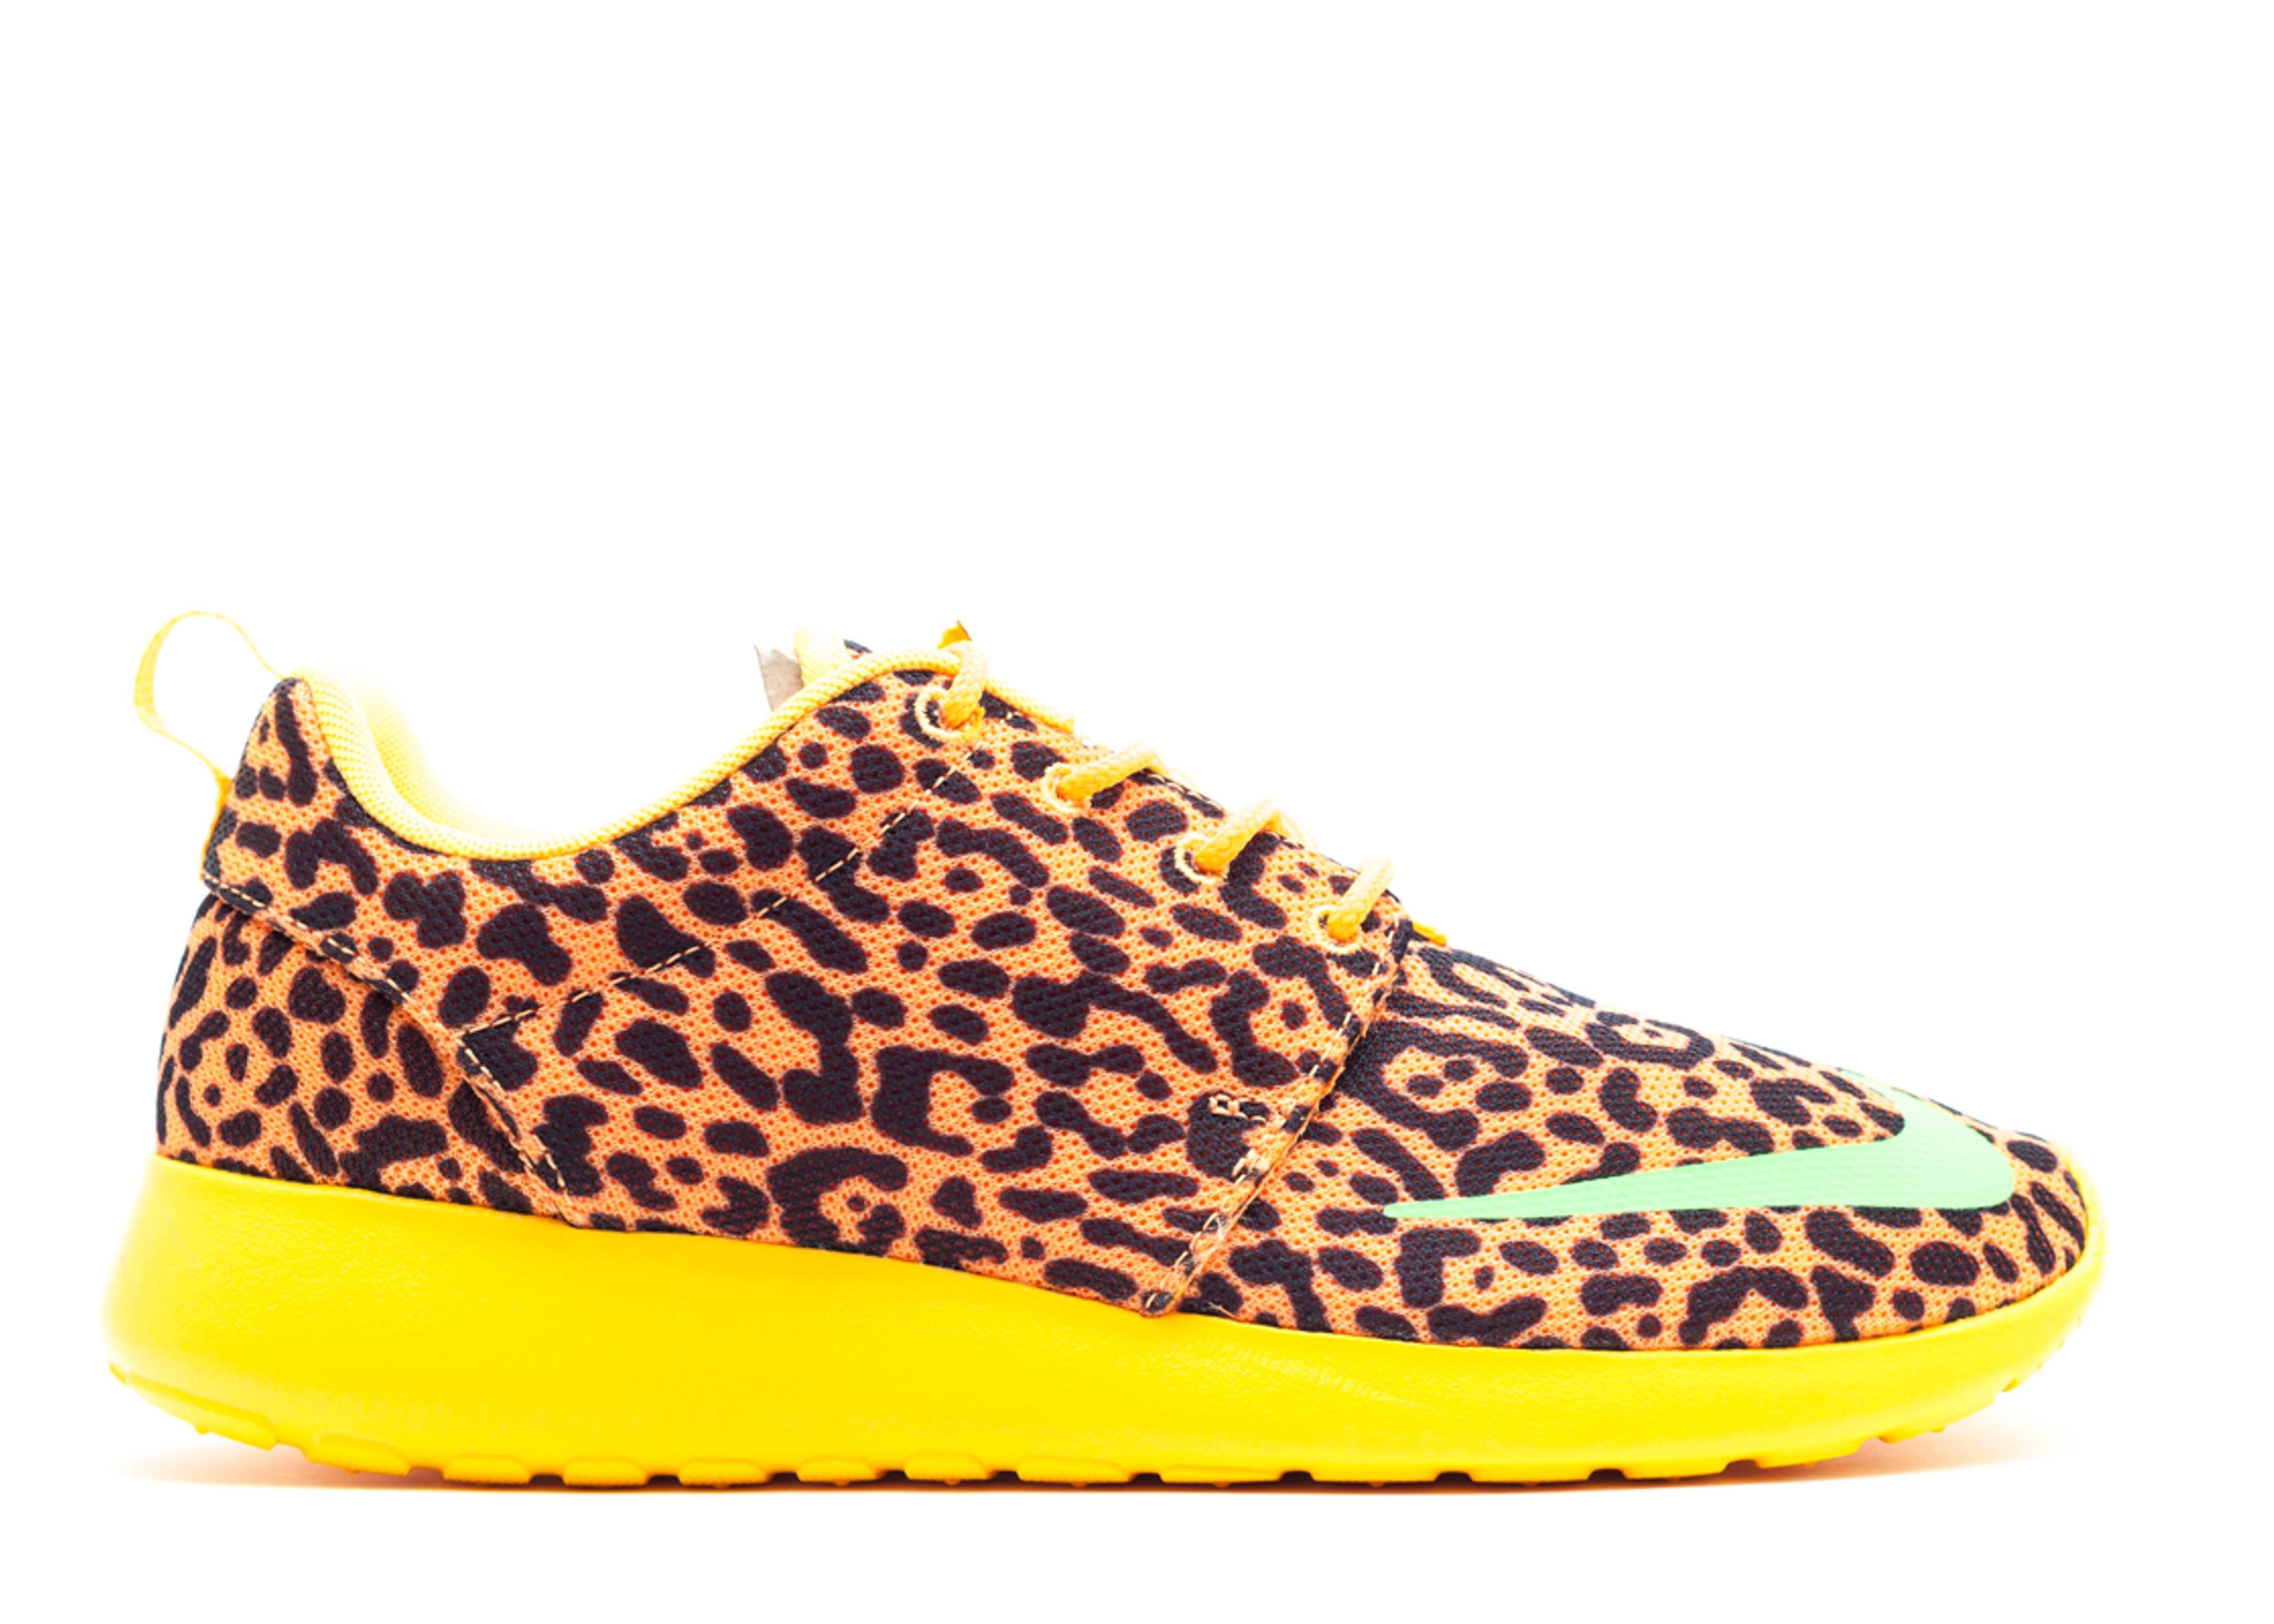 Nike Roshe Run Pattern Damen Leopard Running Schuhe Hersteller